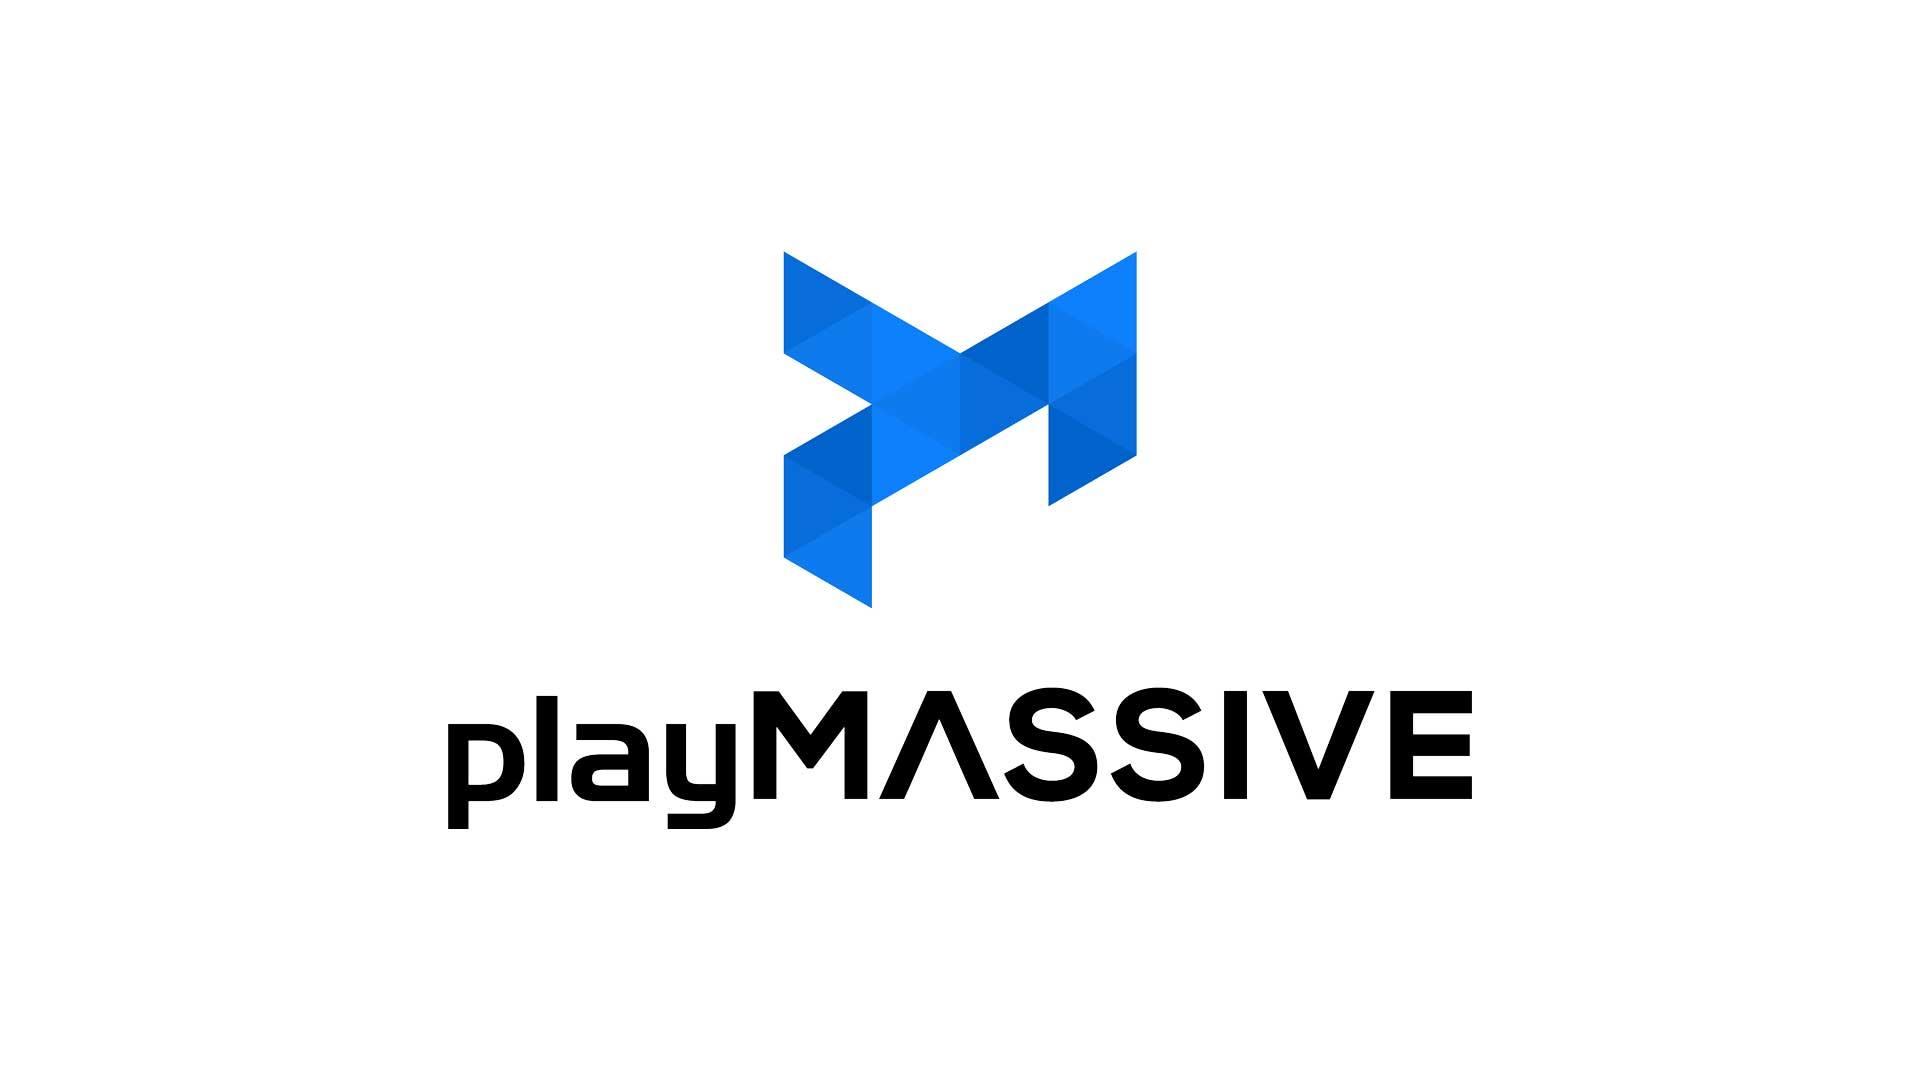 Playmassive Gmbh